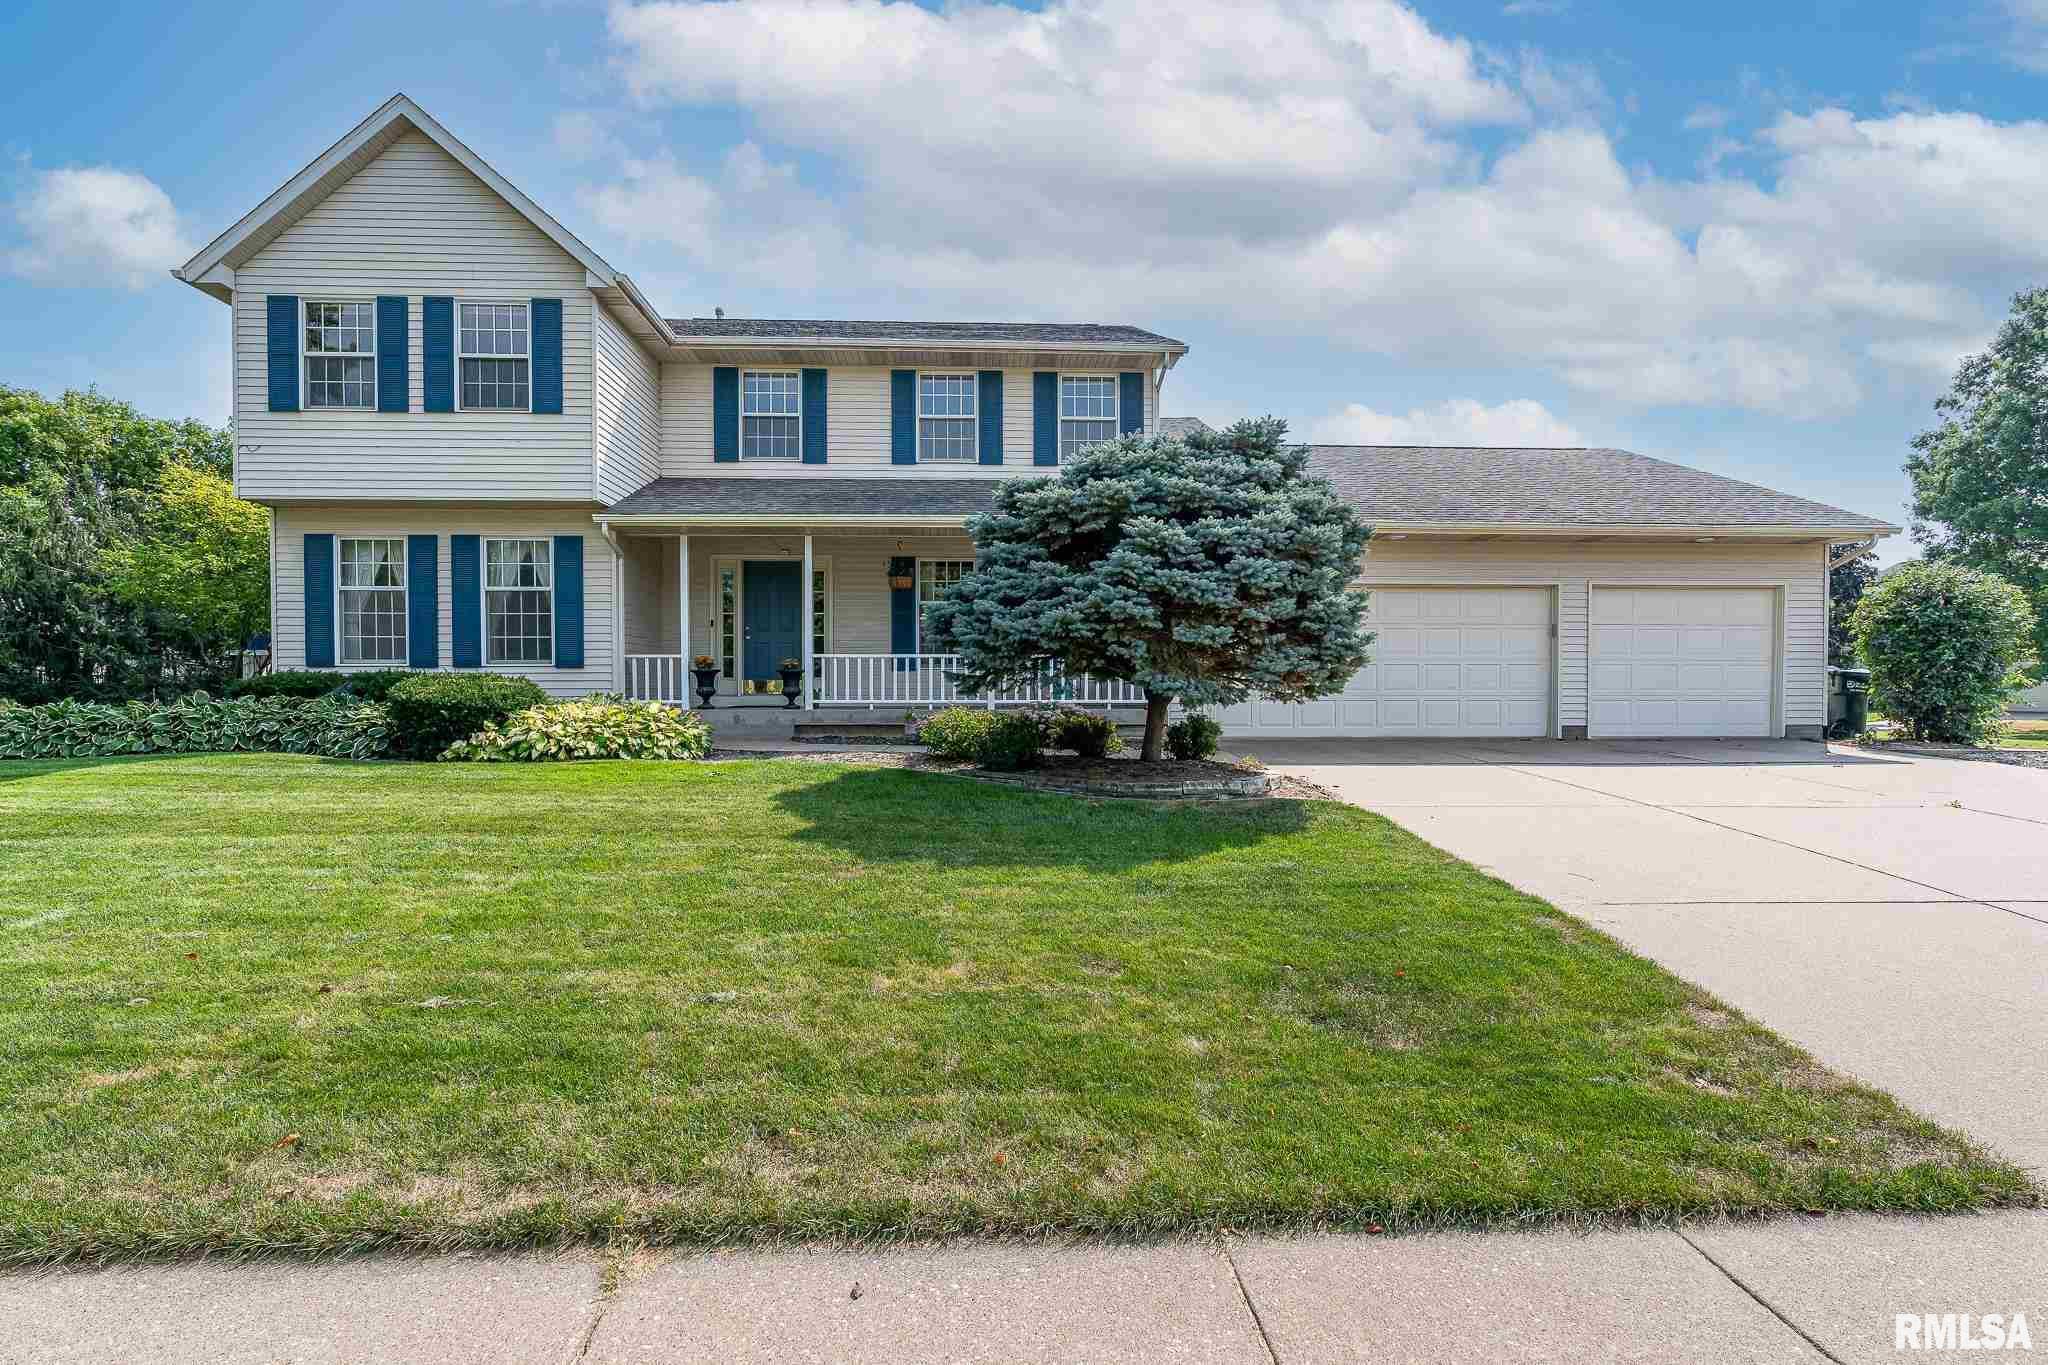 4407 E 48th Street Property Photo 1